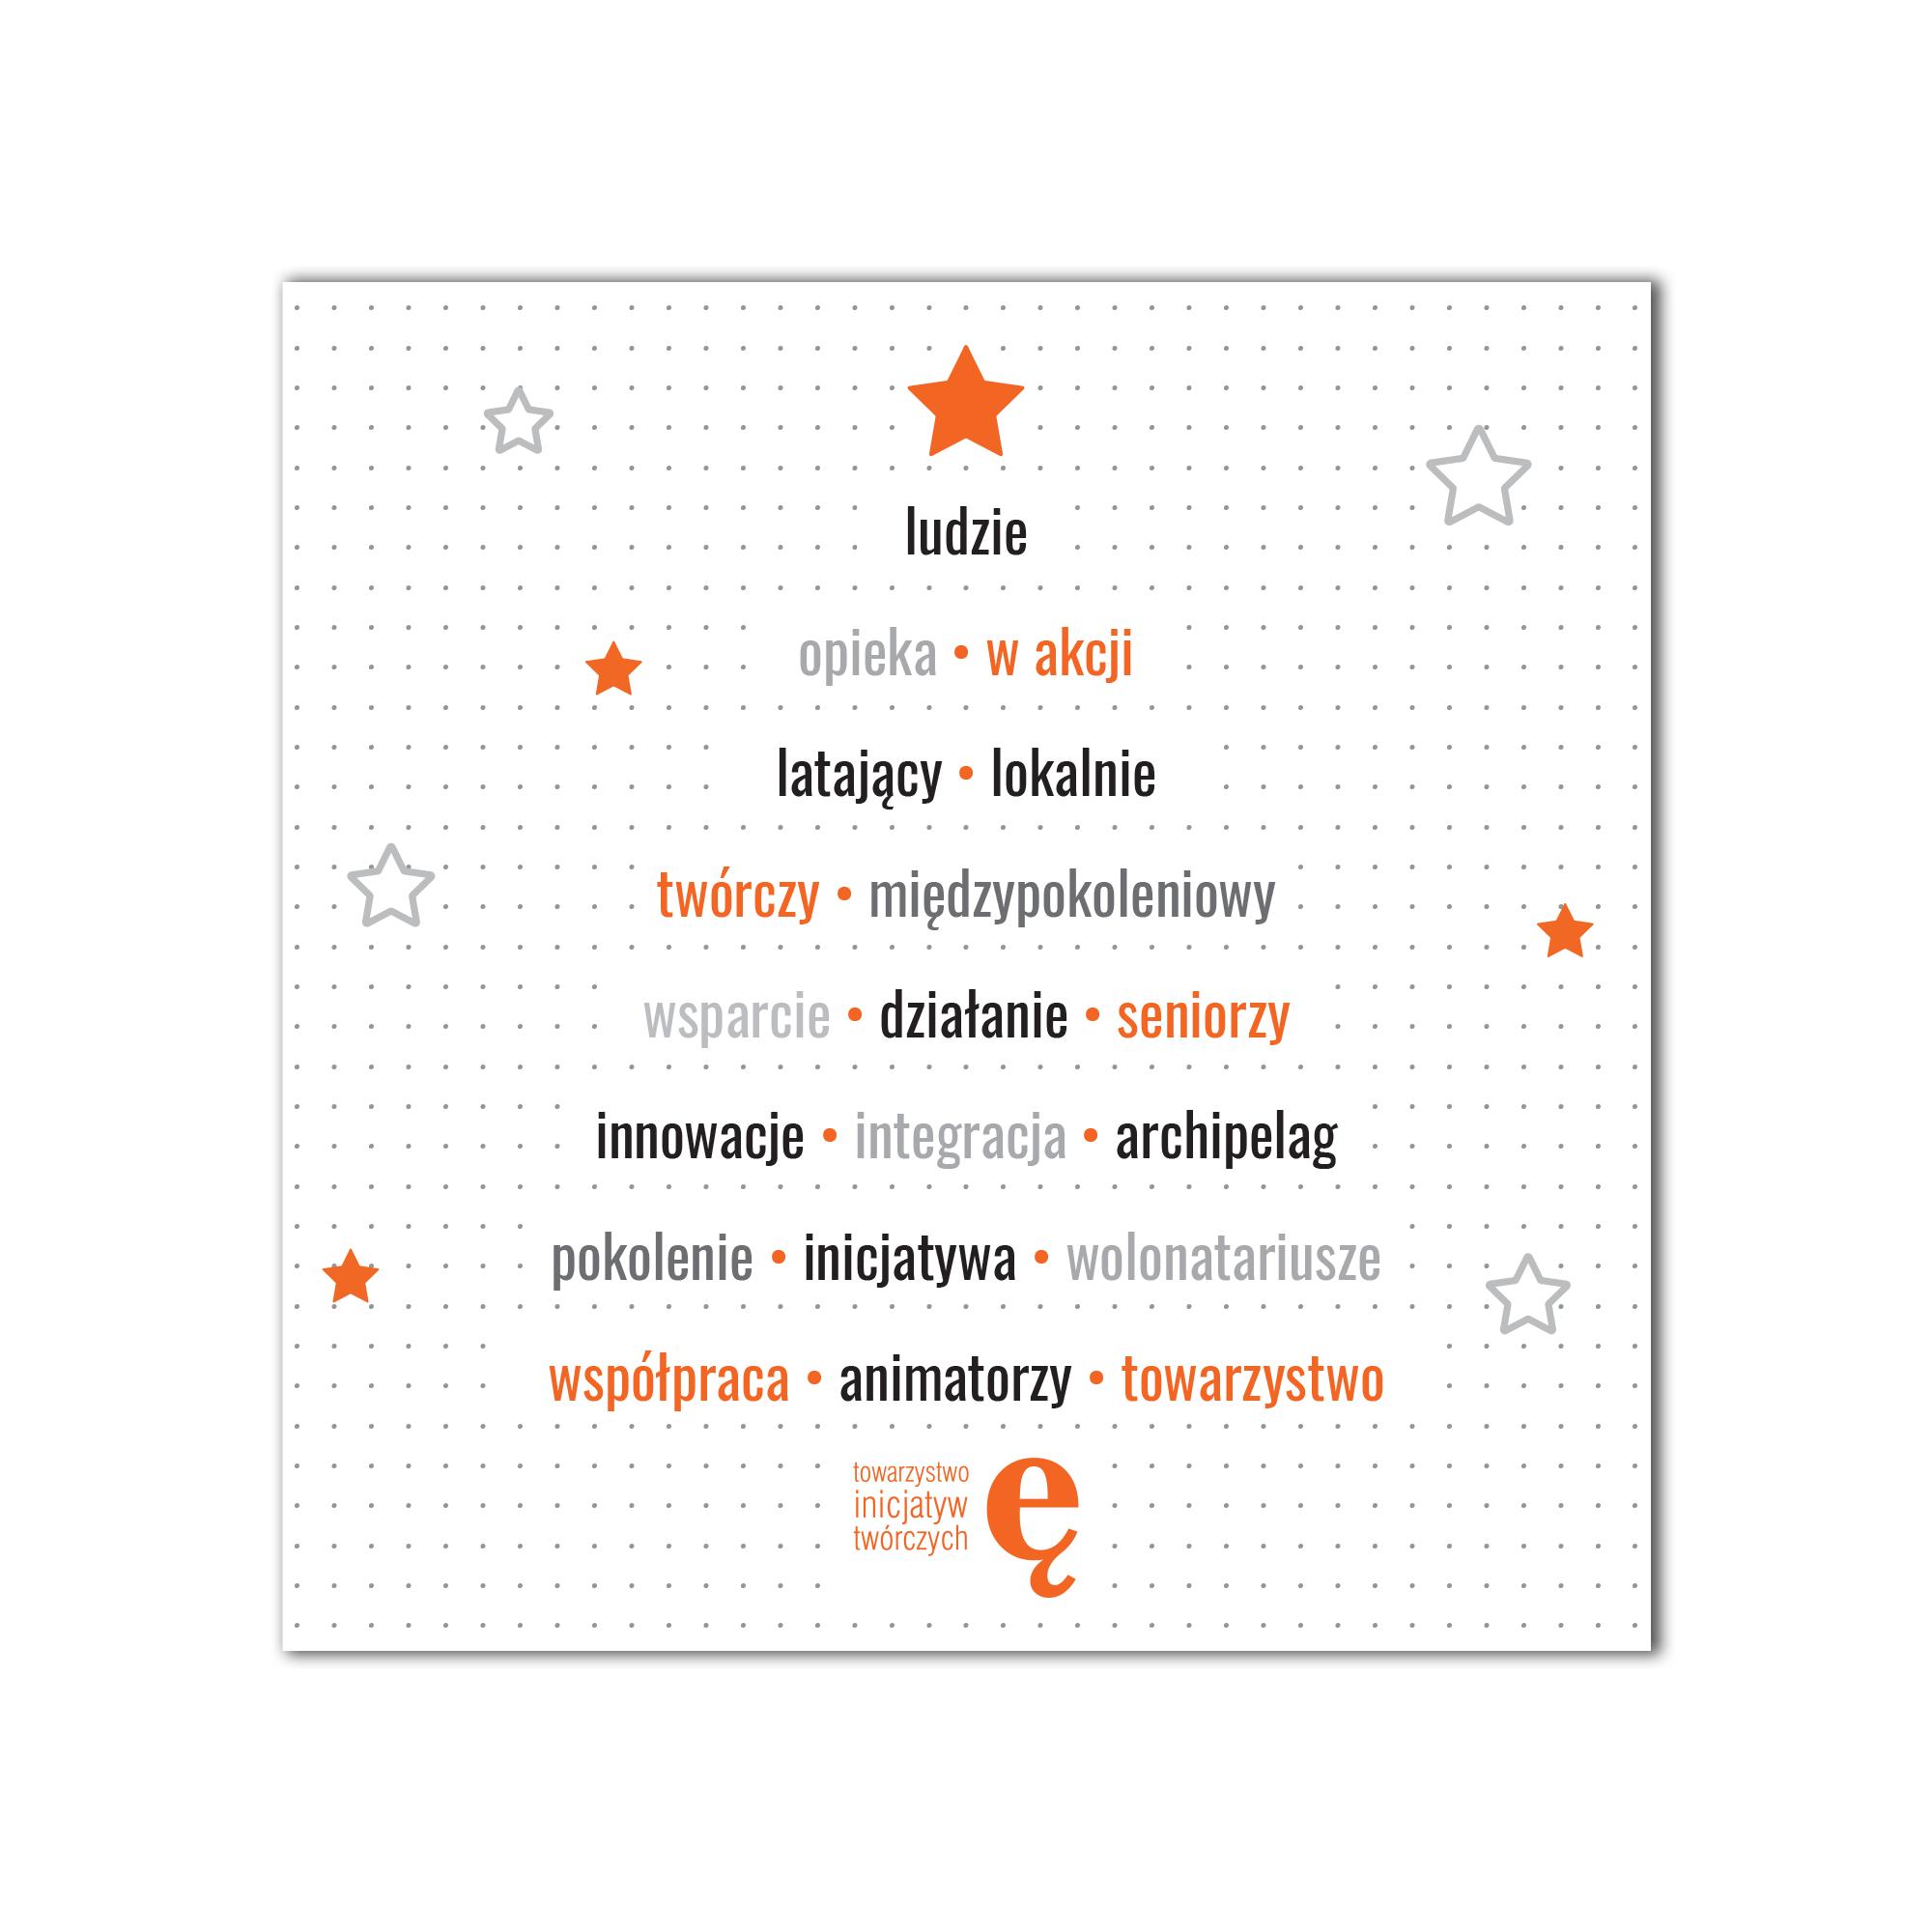 kartka blink towarzystwo inicjatyw twórczych ę